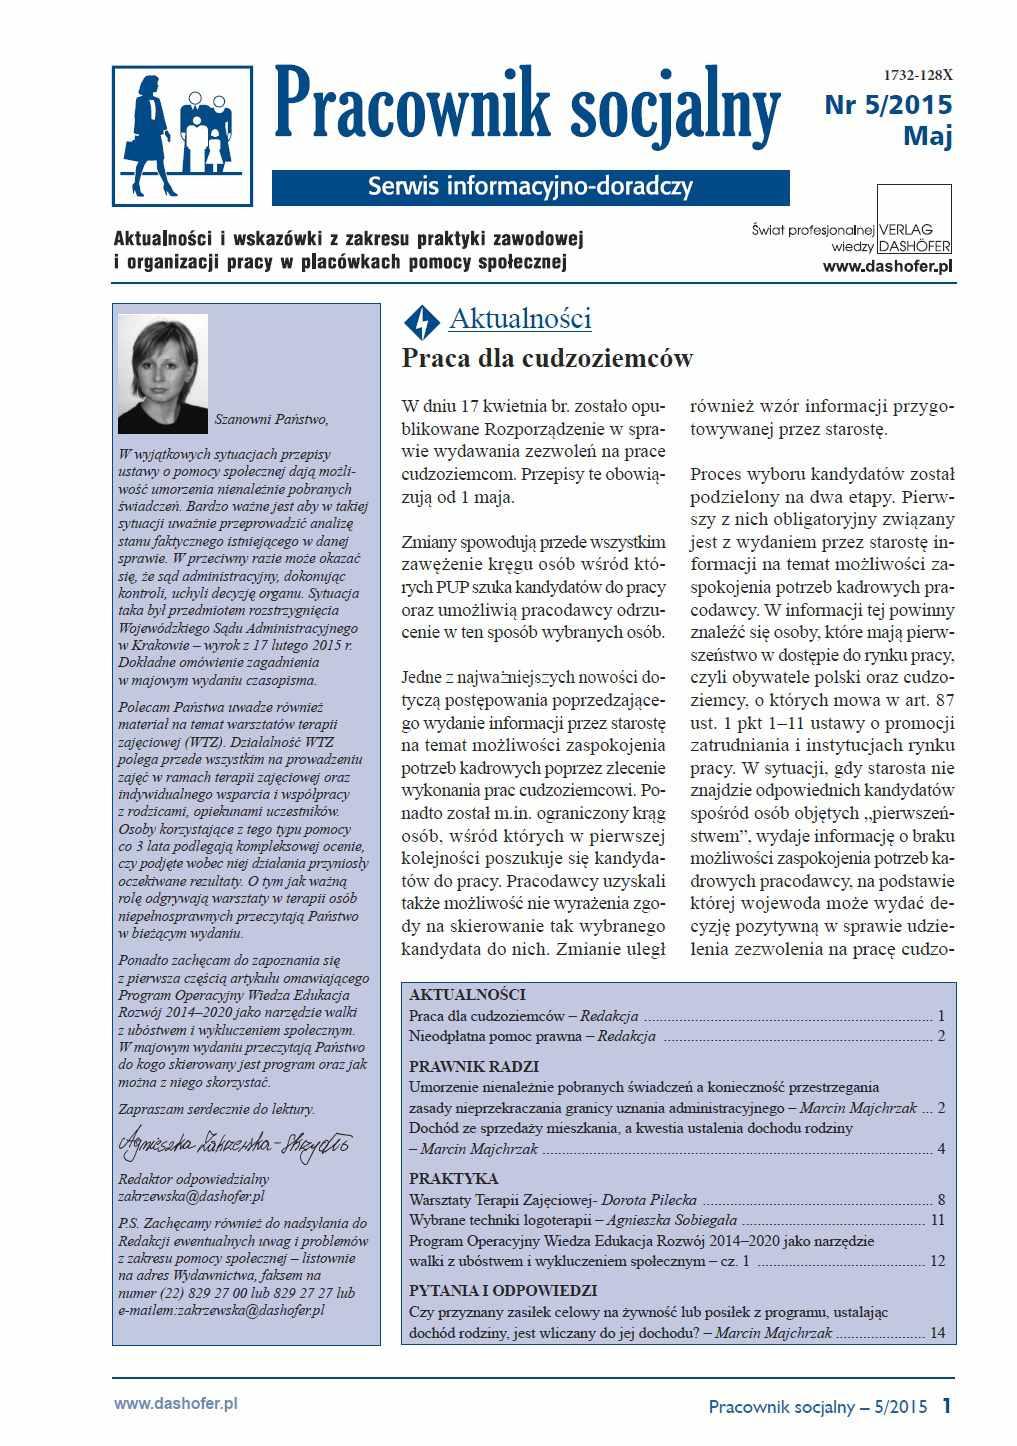 Pracownik socjalny. Aktualności i wskazówki z zakresu praktyki zawodowej i organizacji pracy w placówkach pomocy społecznej. Nr 5/2015 - Ebook (Książka PDF) do pobrania w formacie PDF